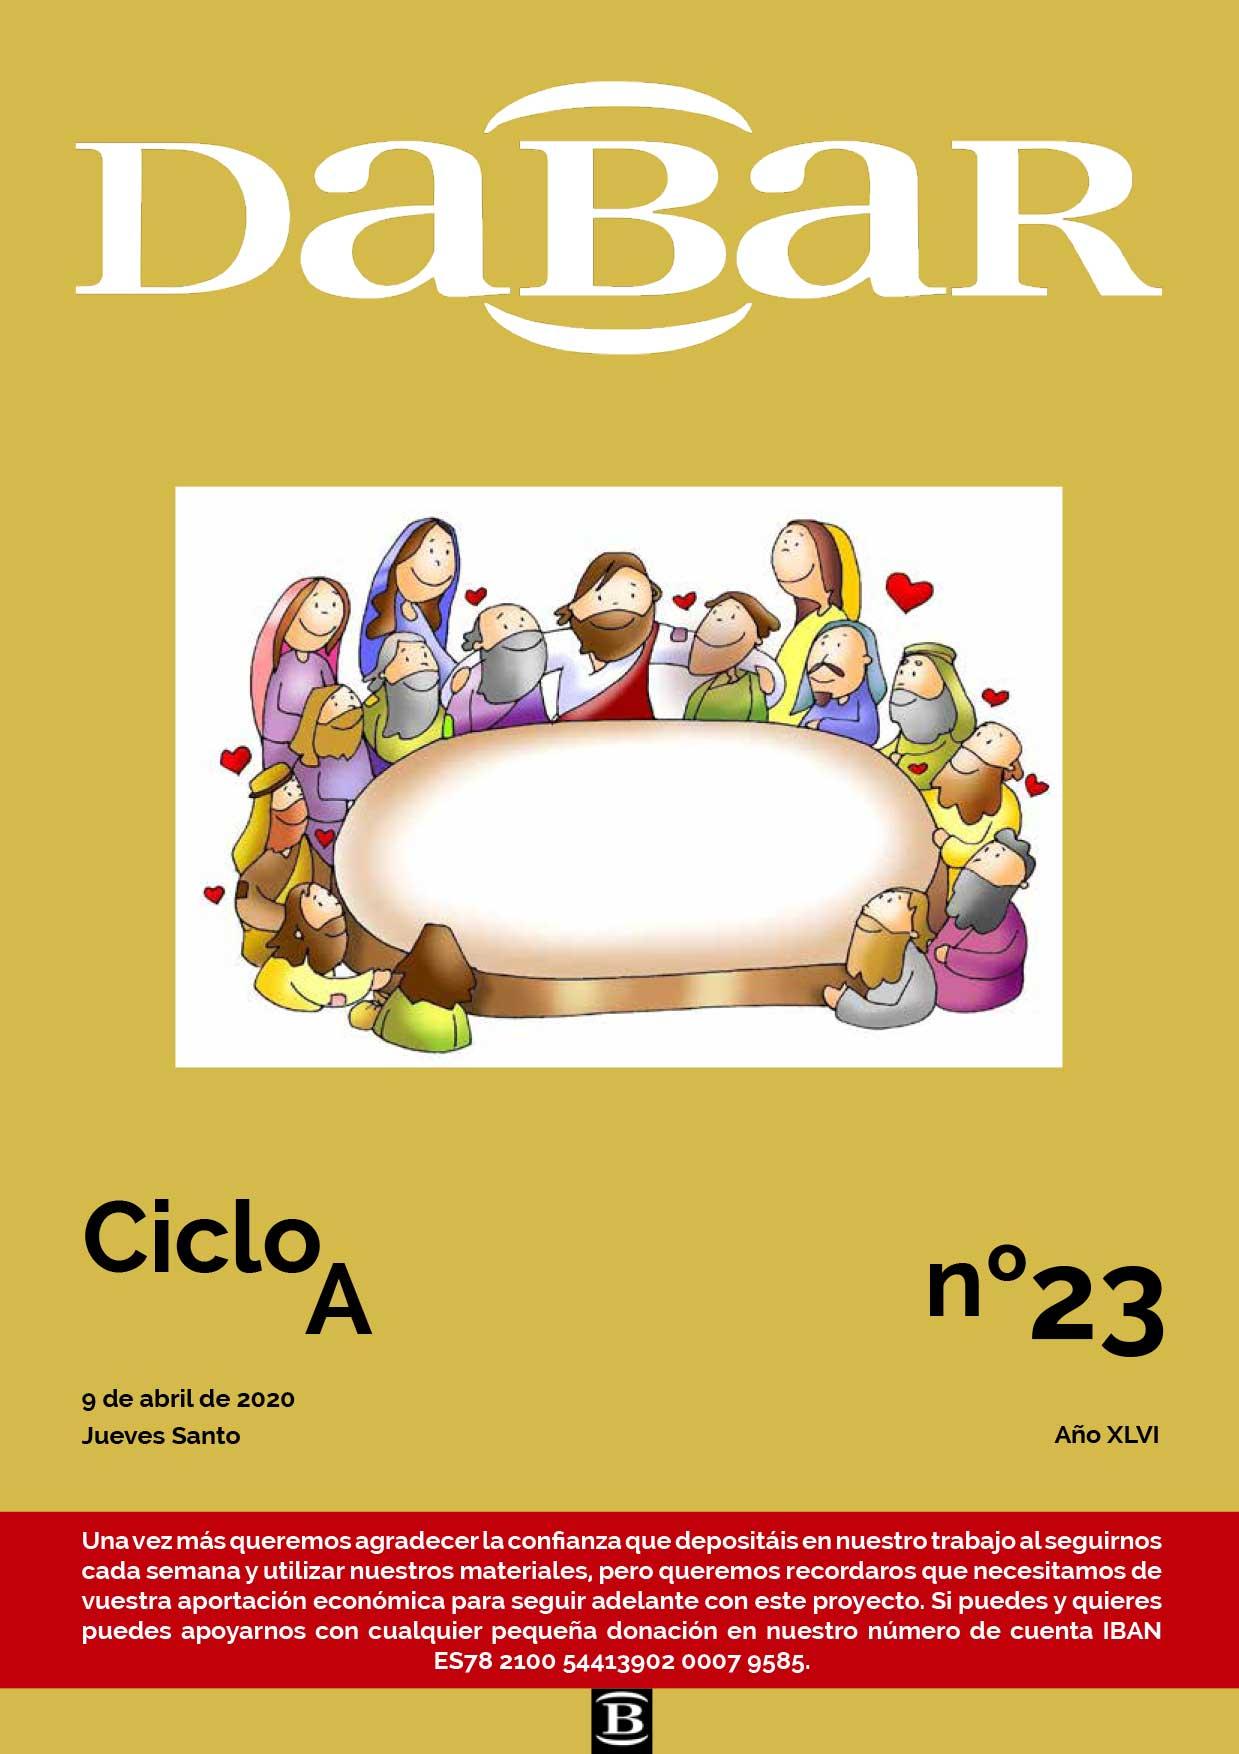 Dabar Revista numero 23 ciclo A